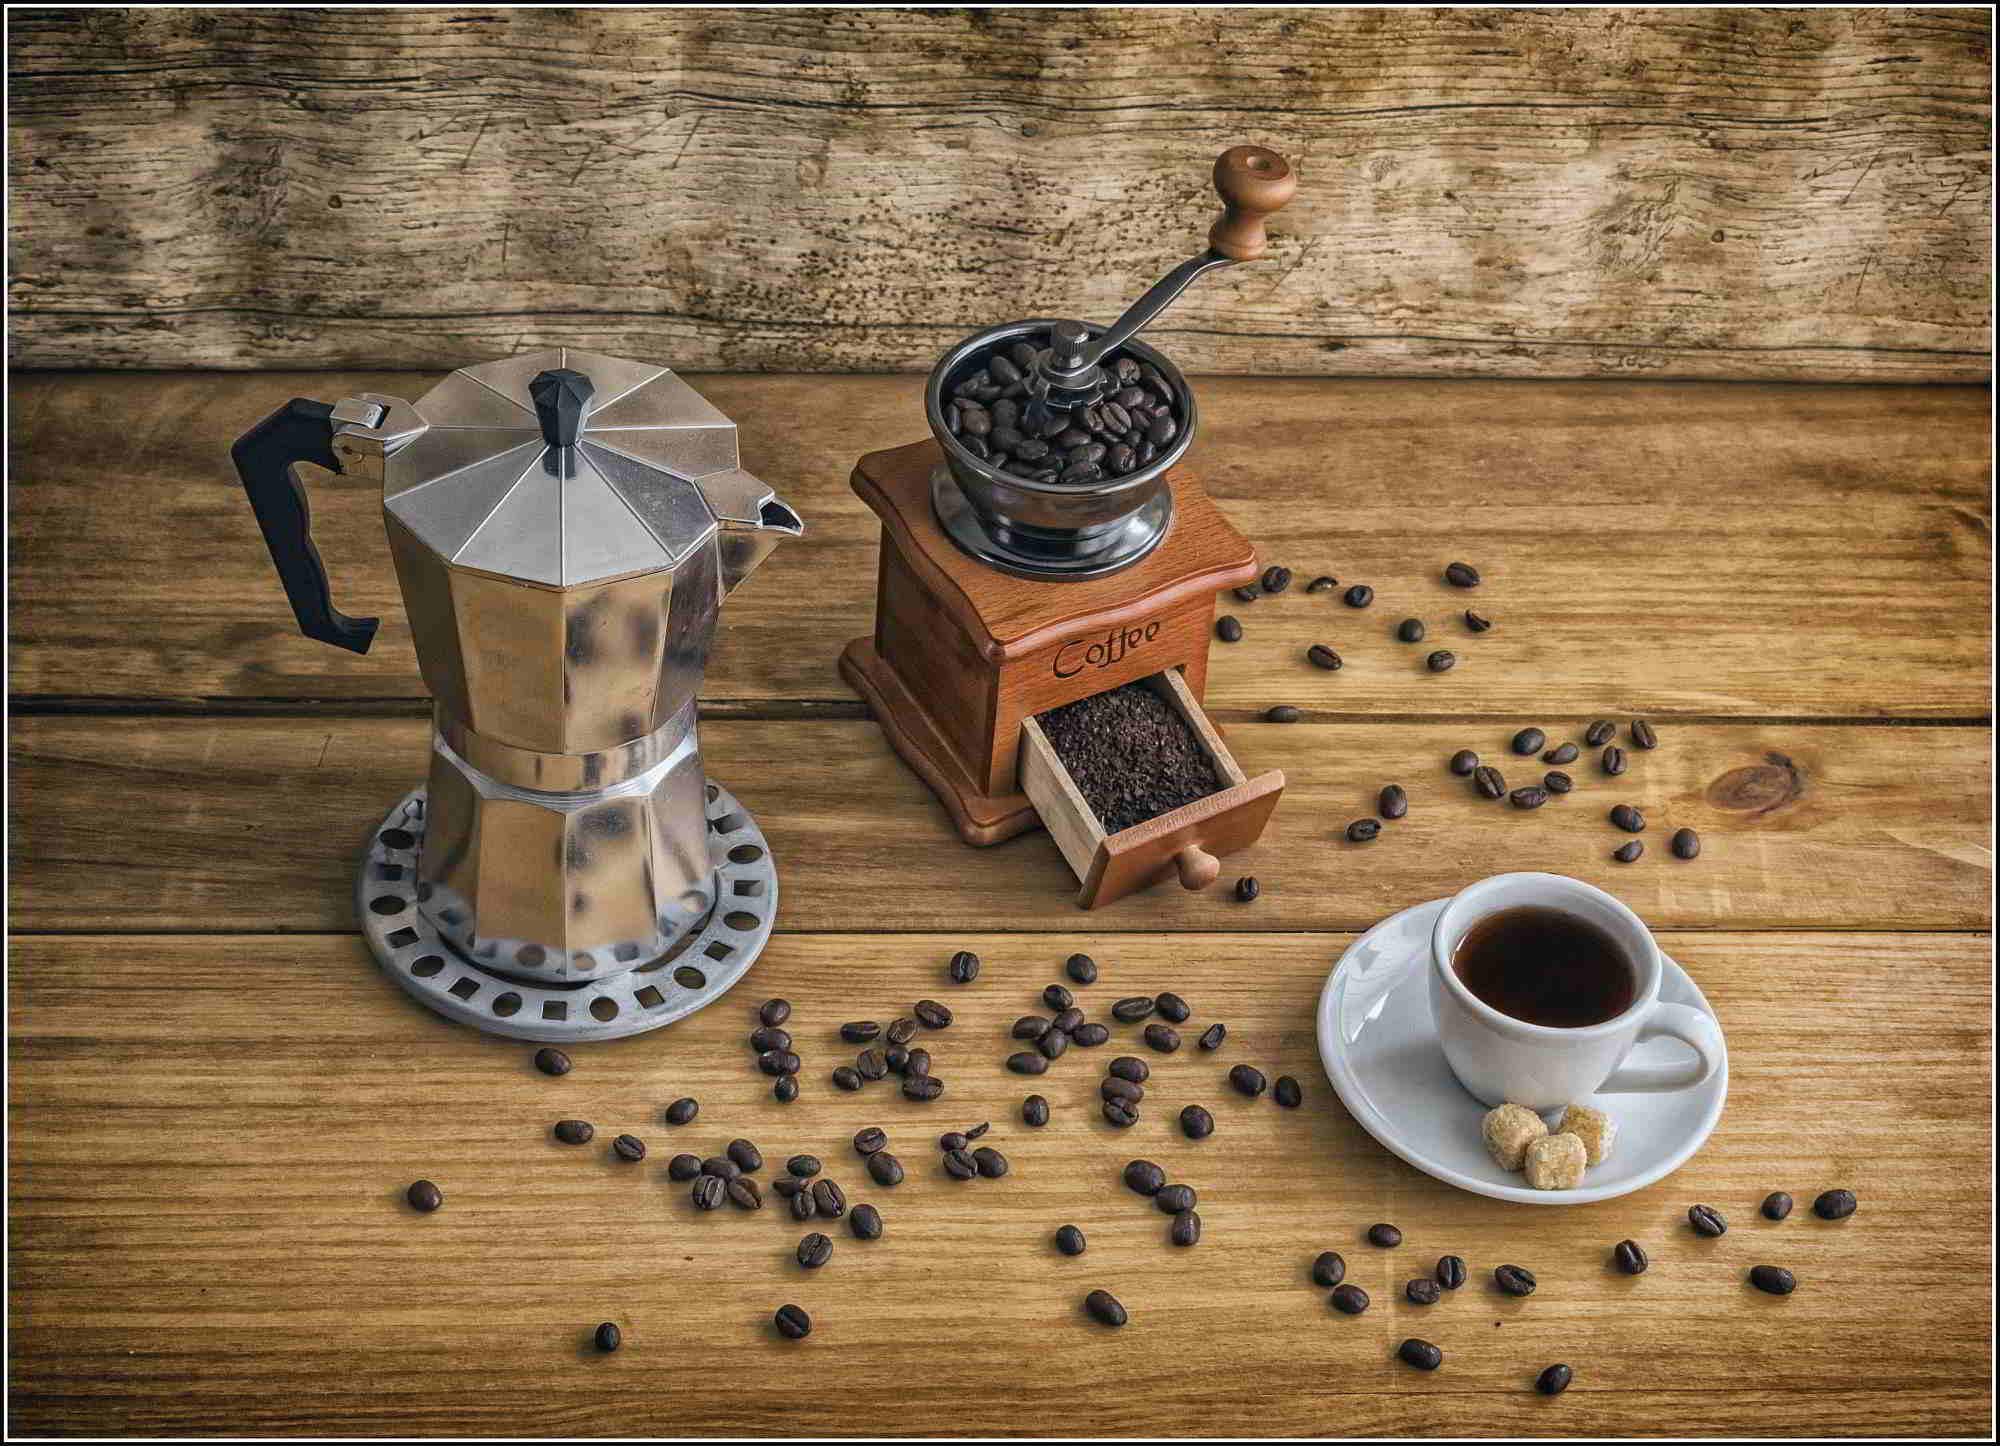 Топ рейтинг лучших кофемолок для дома и кафе в 2020 году